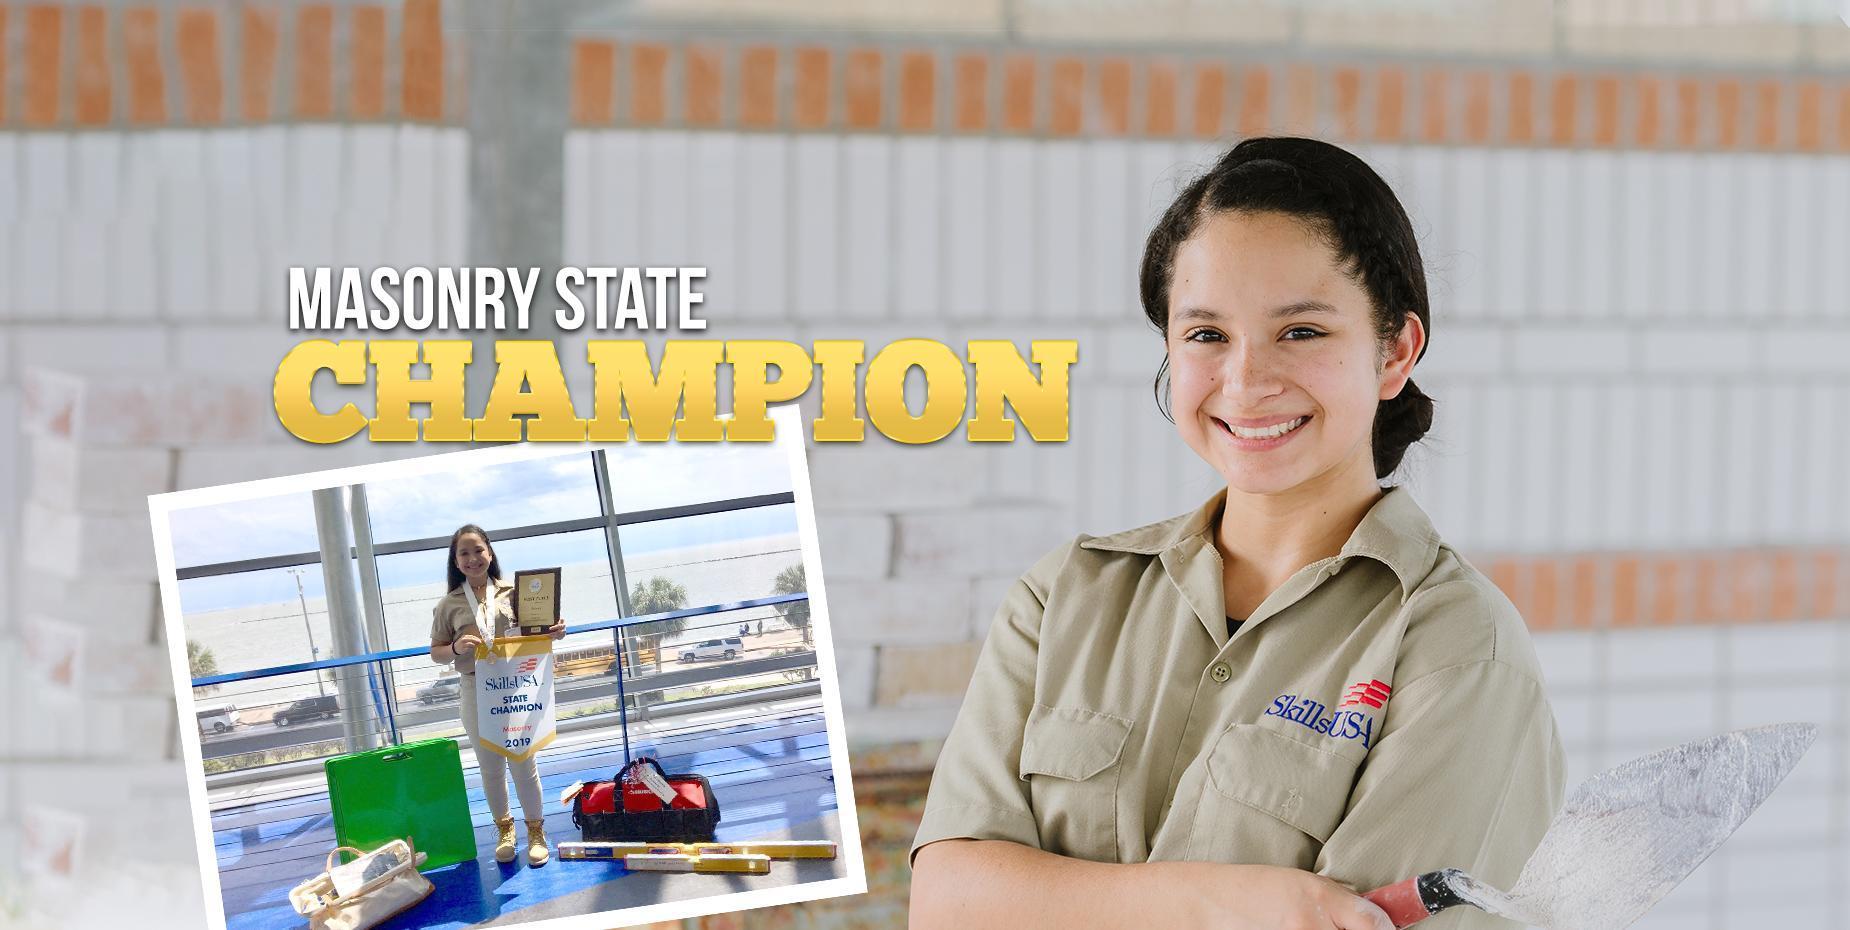 Masonry State Champ